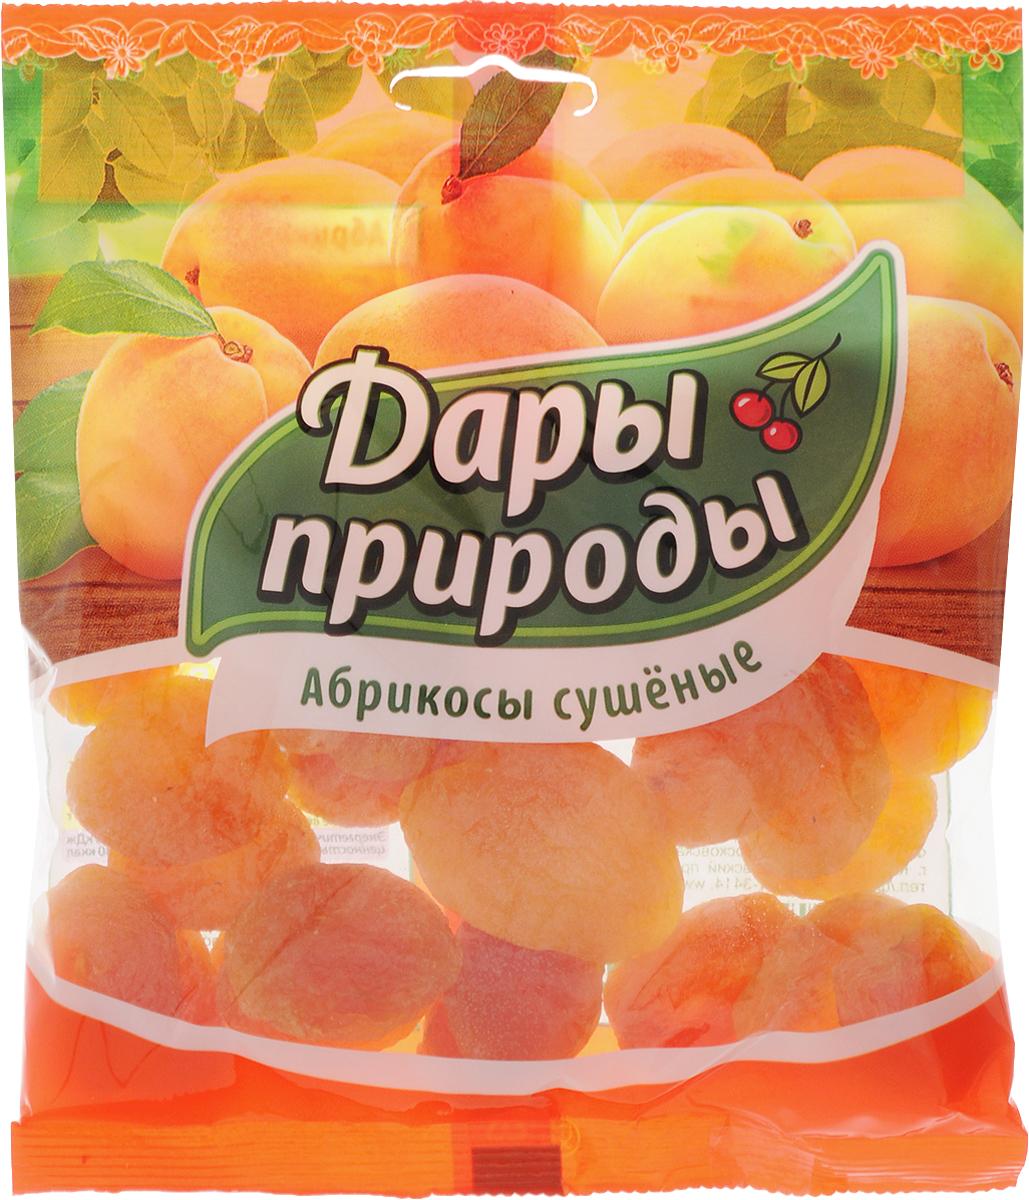 Дары Природы кайса абрикос сушеный, 150 г абрикос сушеный без косточек каждый день 450г